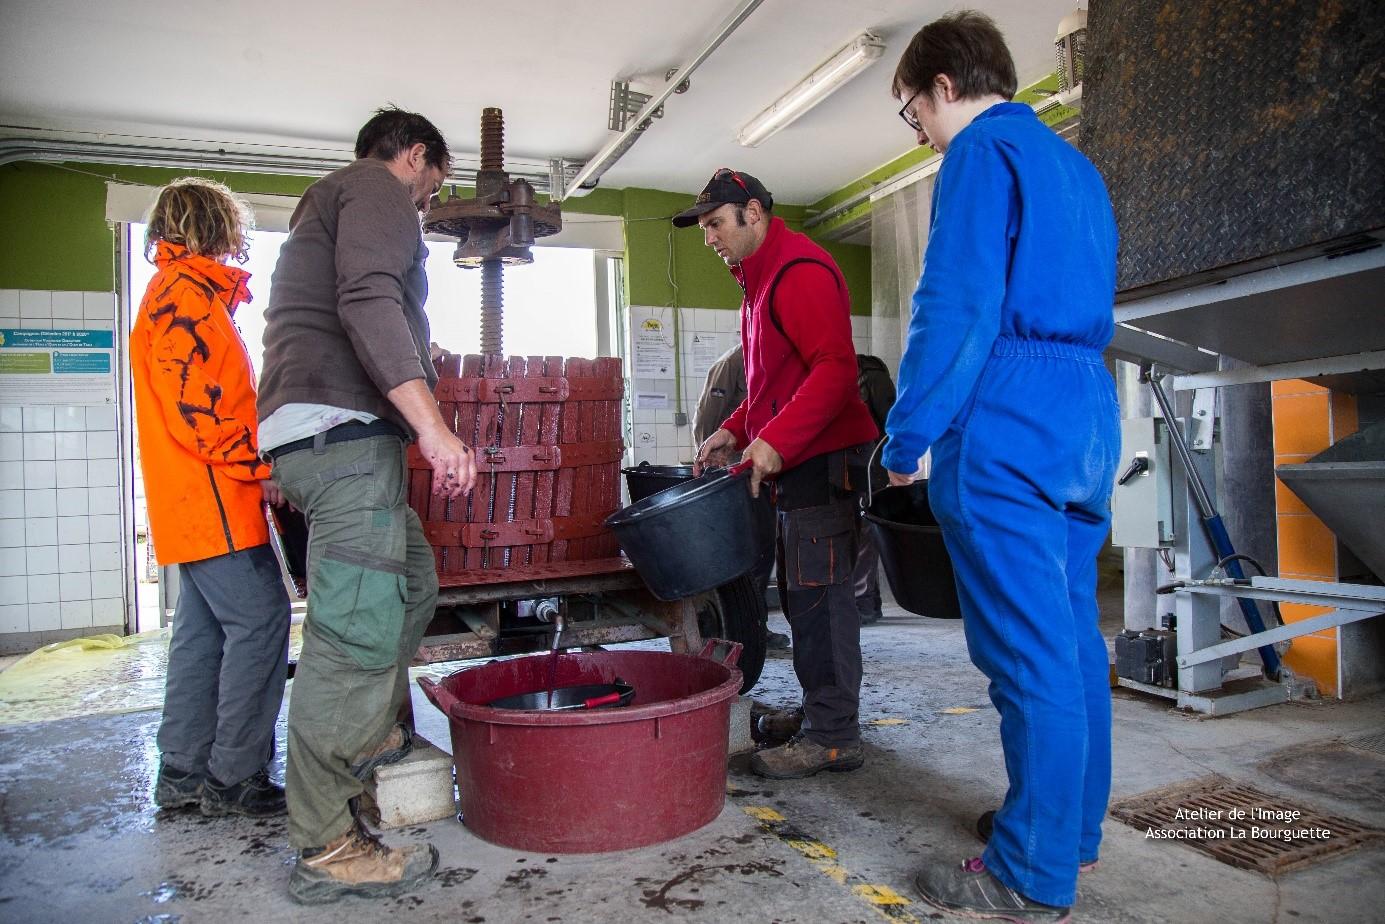 viticulture la bourguette